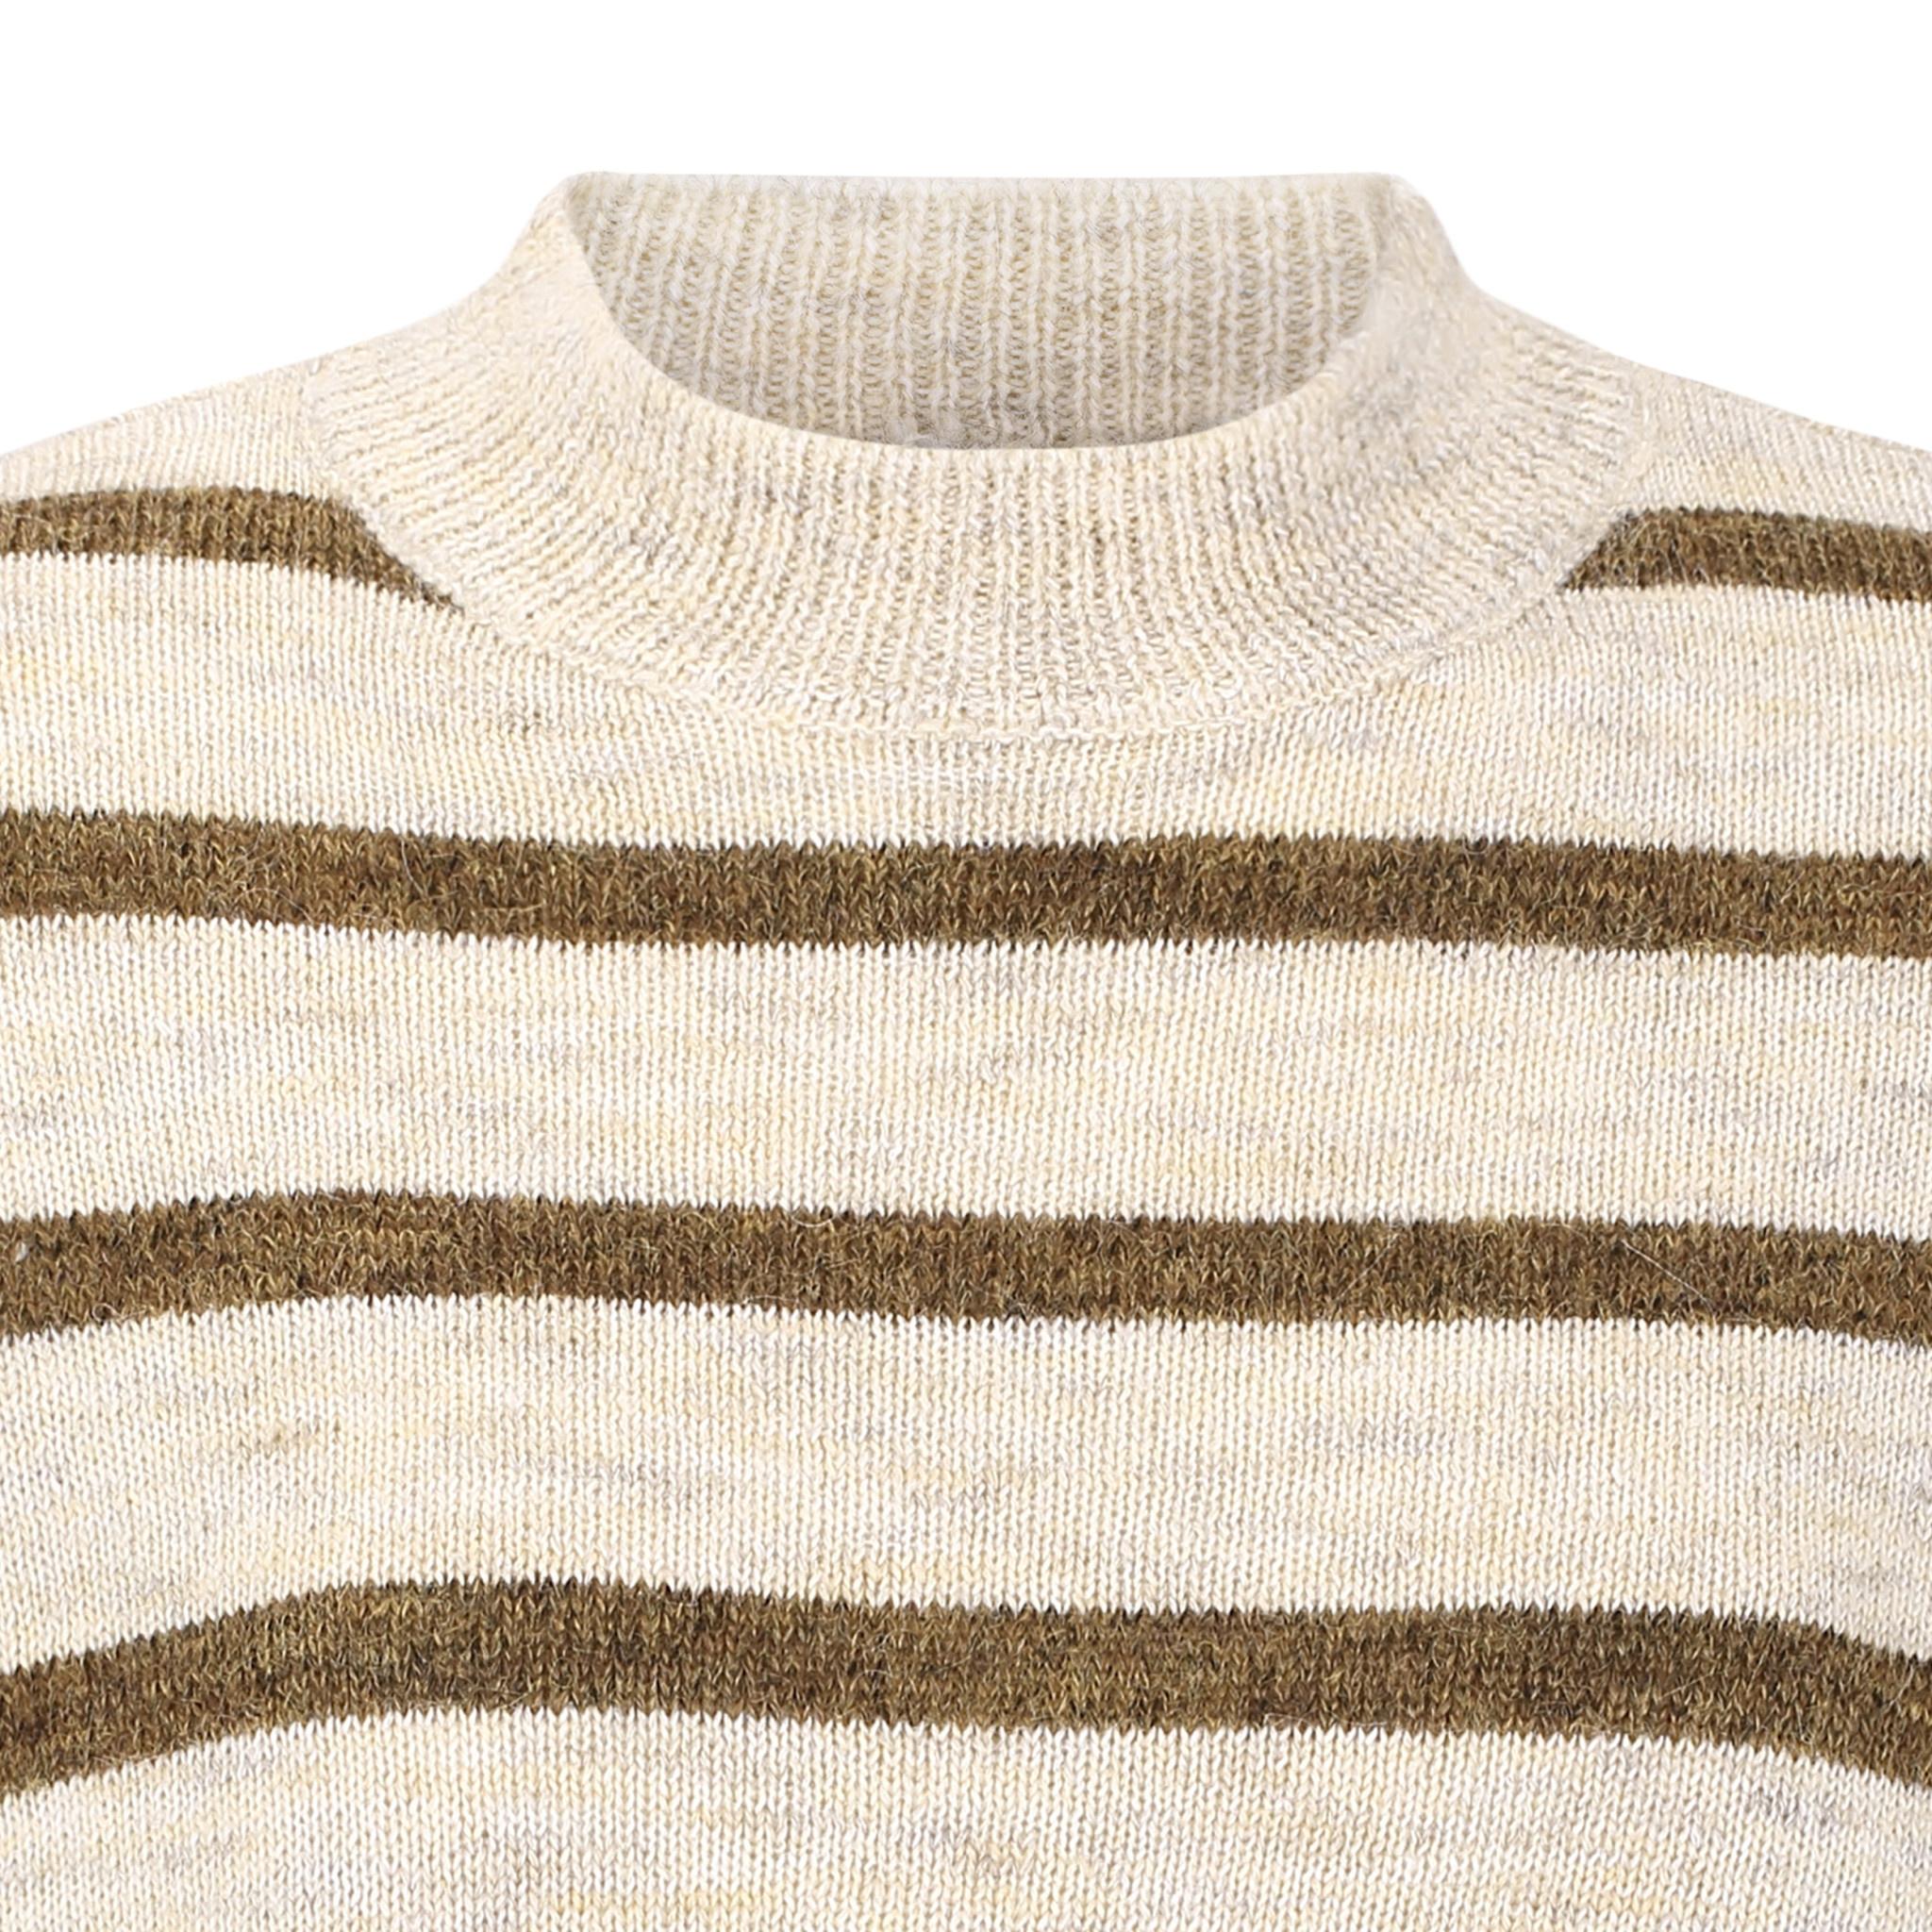 Soft Rebels Patia T-neck knit - Ecru